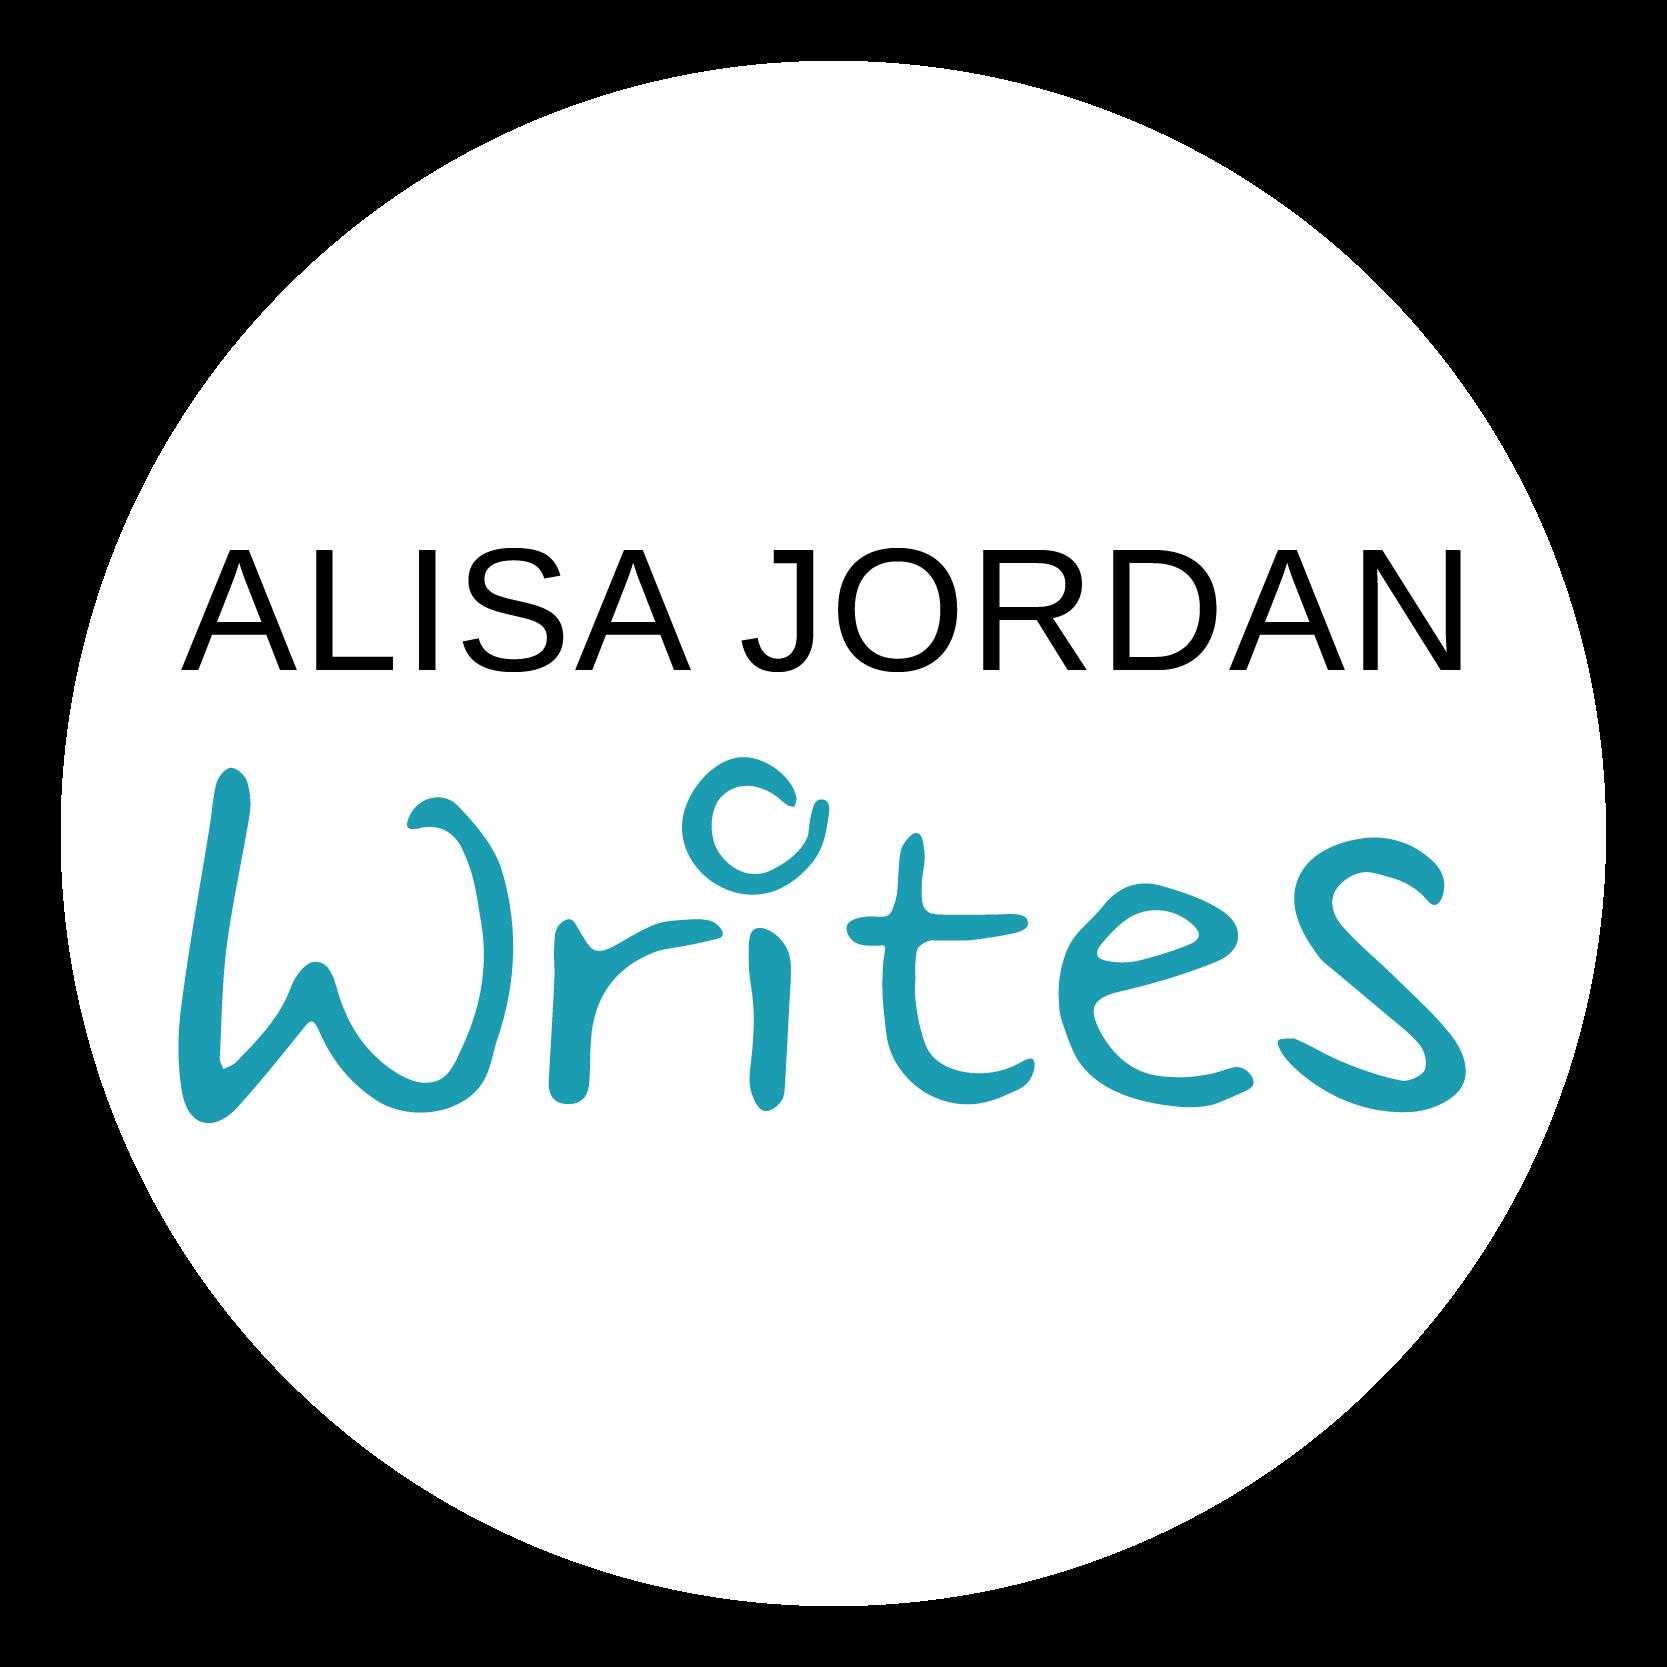 Alisa Jordan Writes